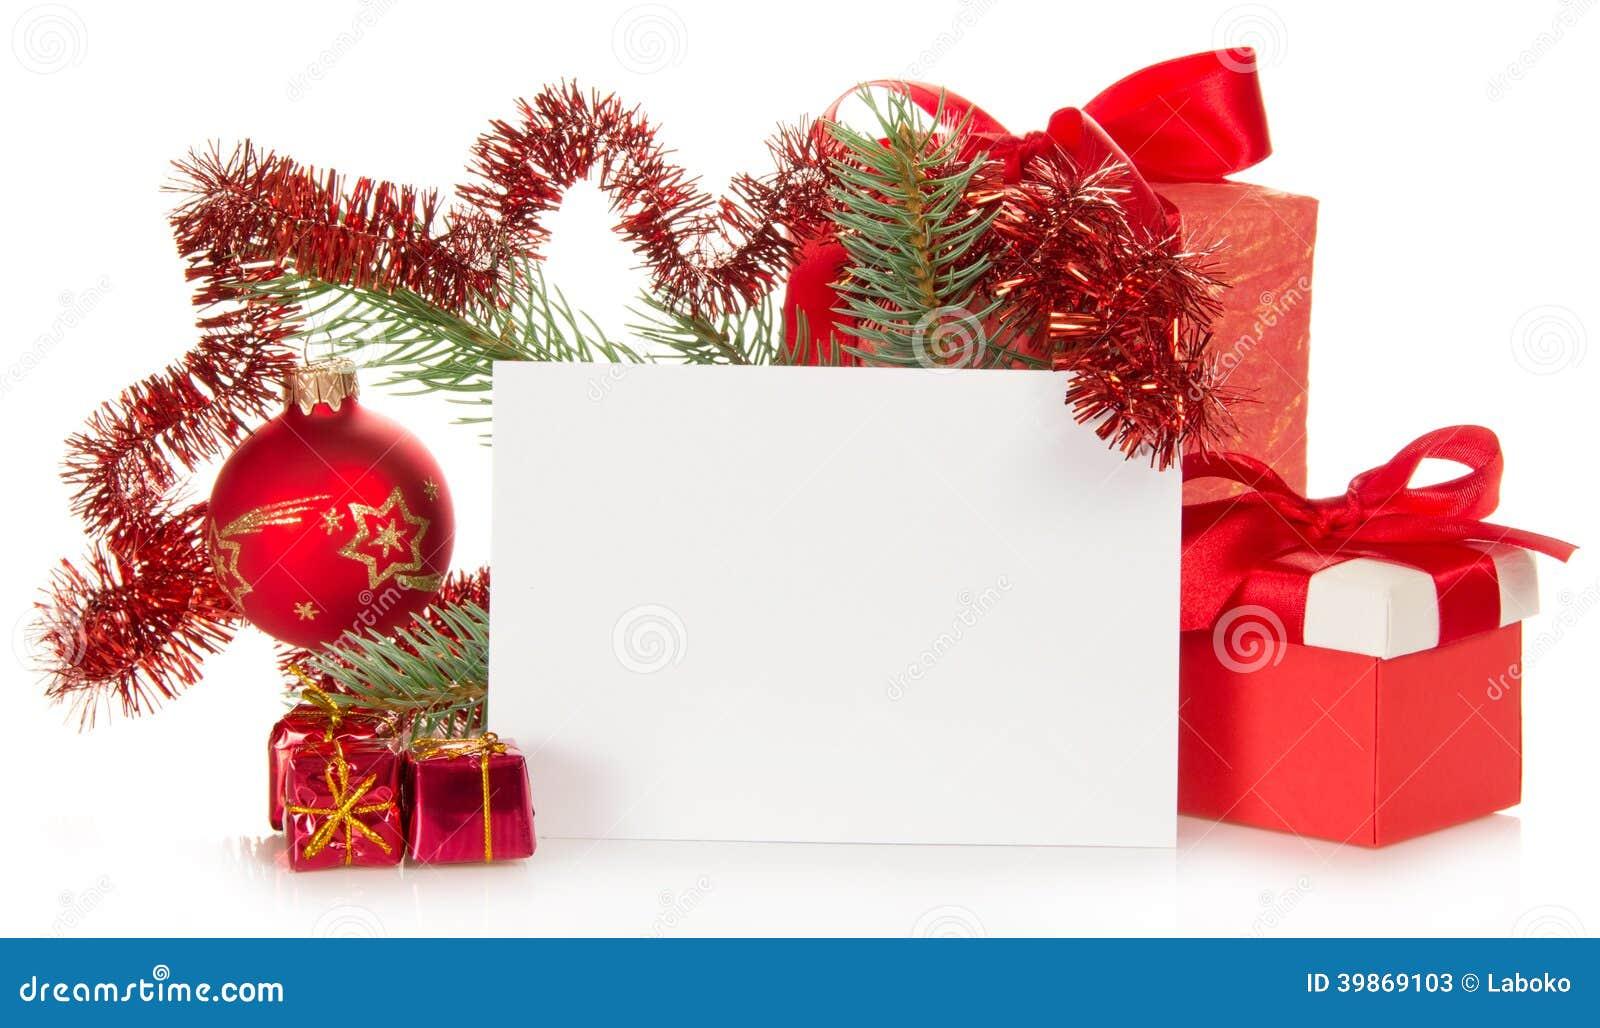 Cadeaux De Noël, Branche De Sapin Décorée Par Des Jouets Image